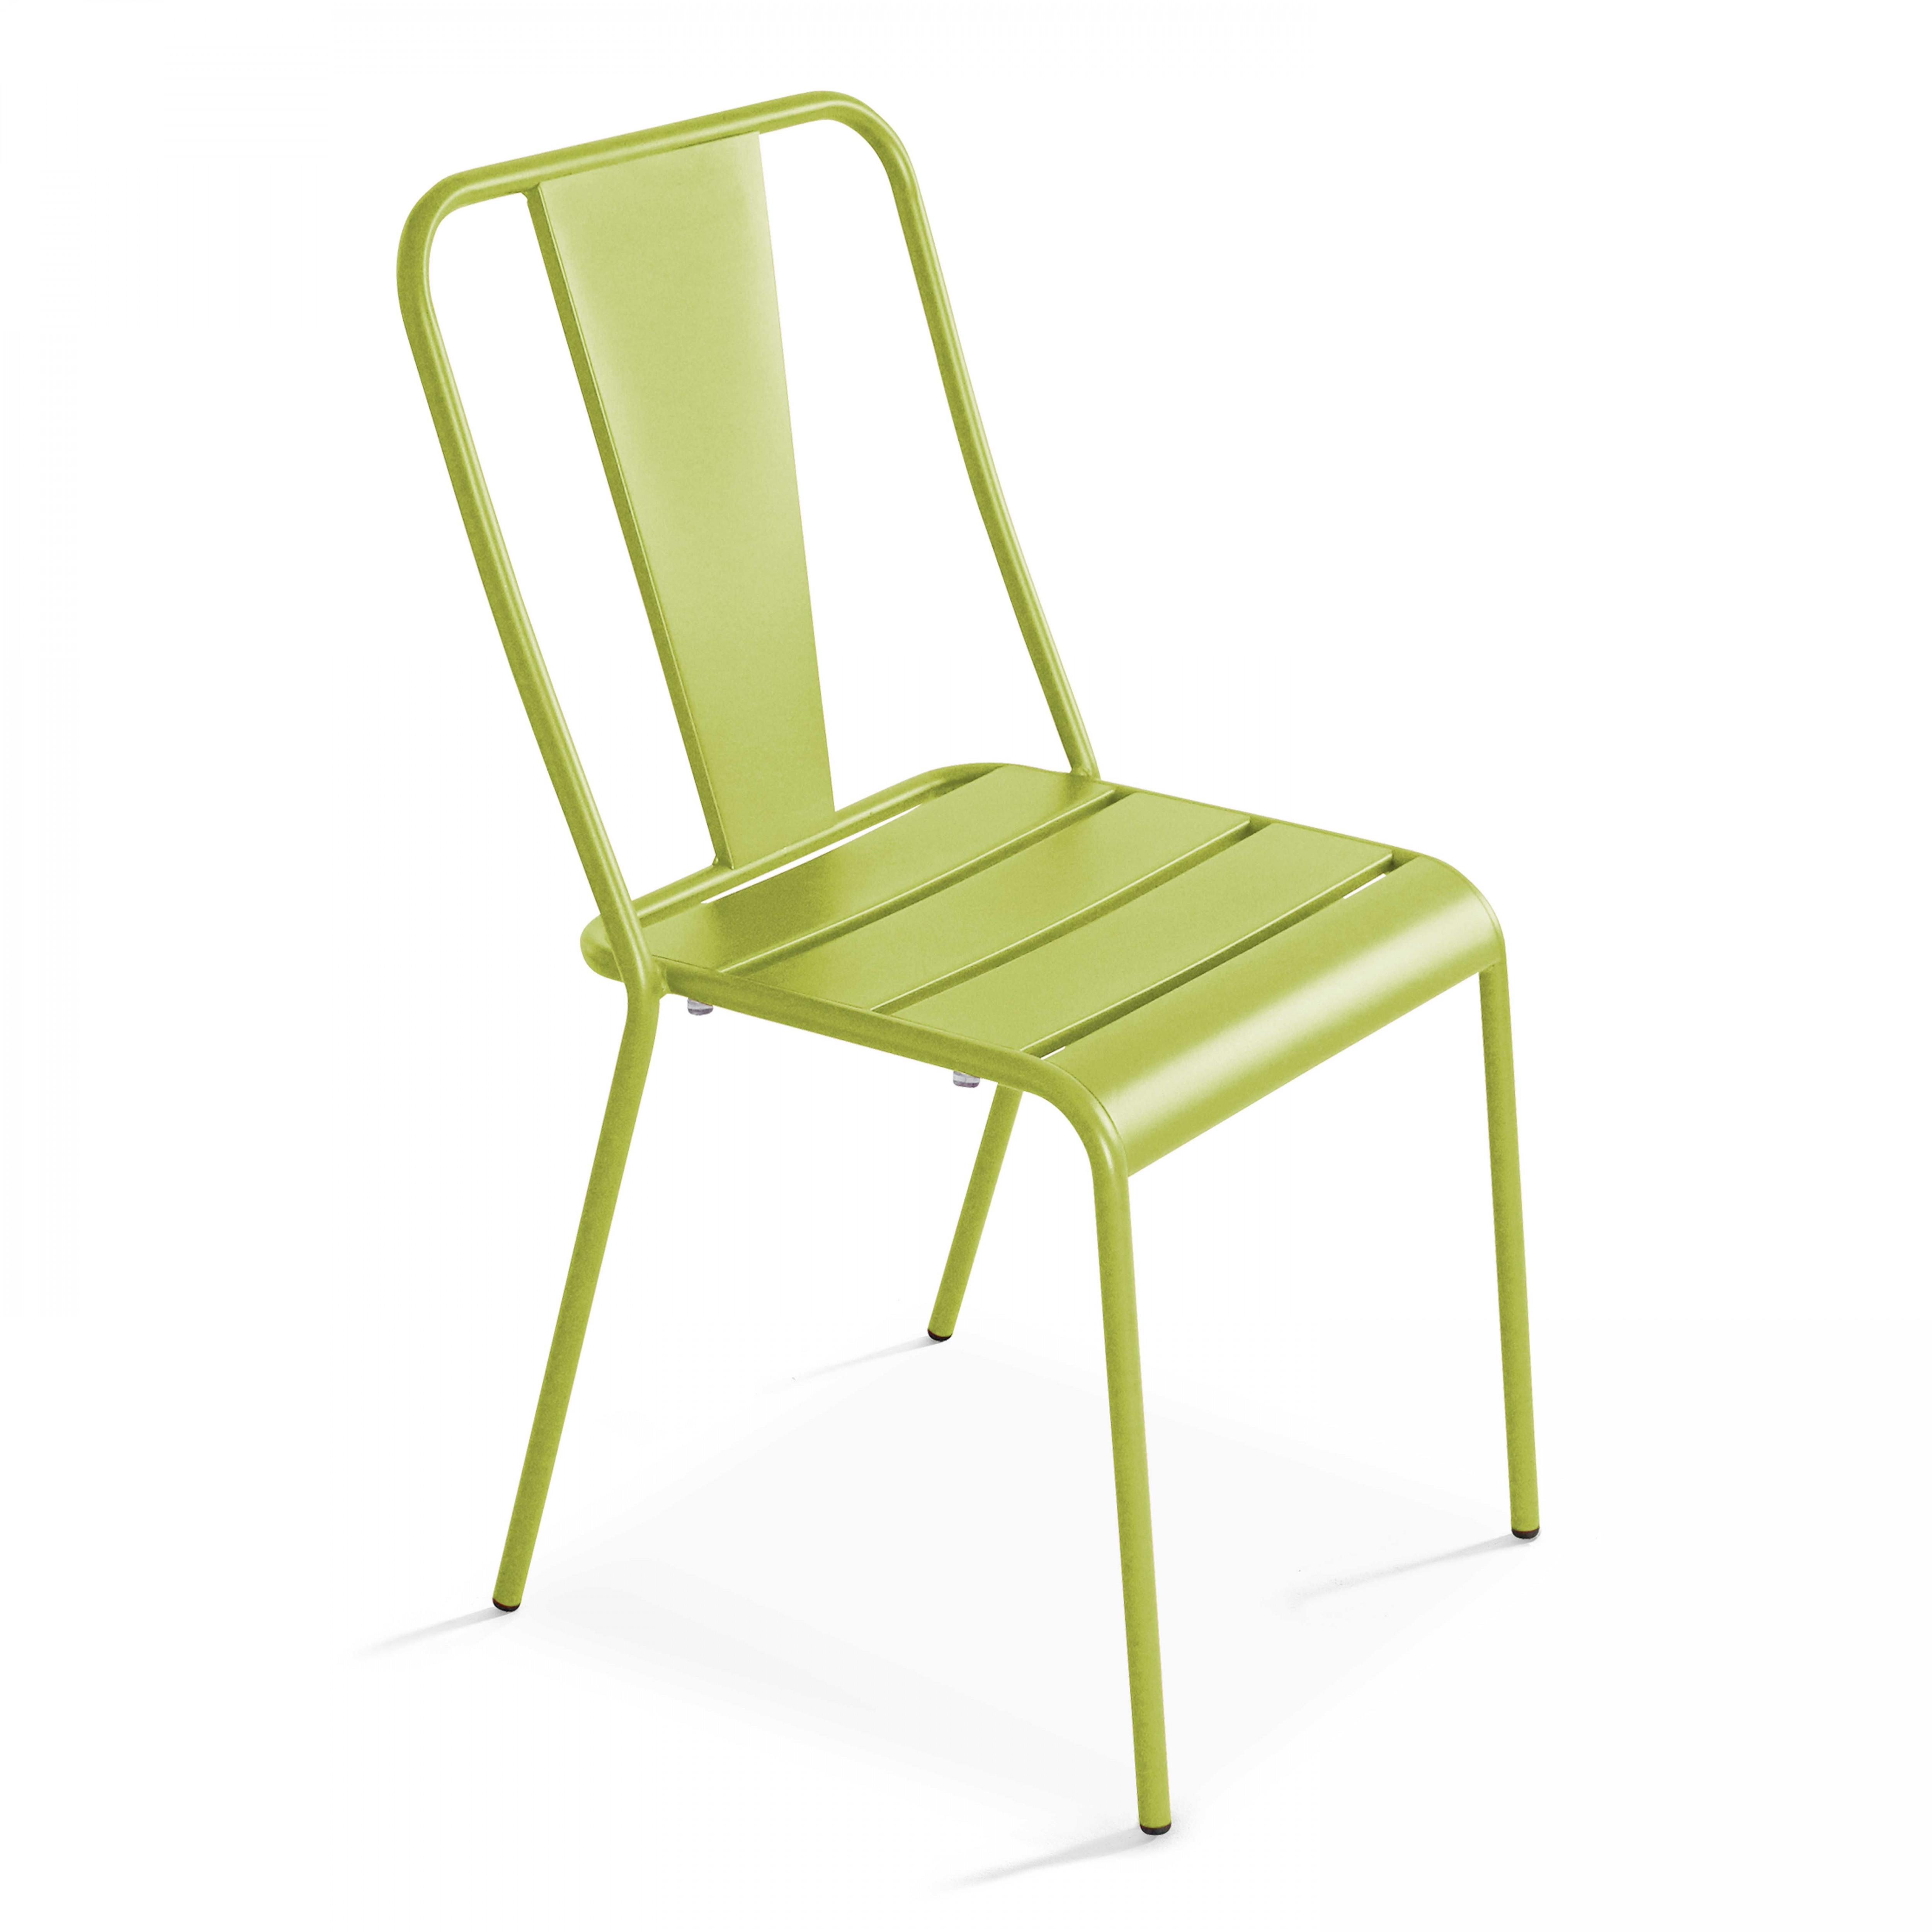 Chaise de jardin bistrot 1 place en acier vert